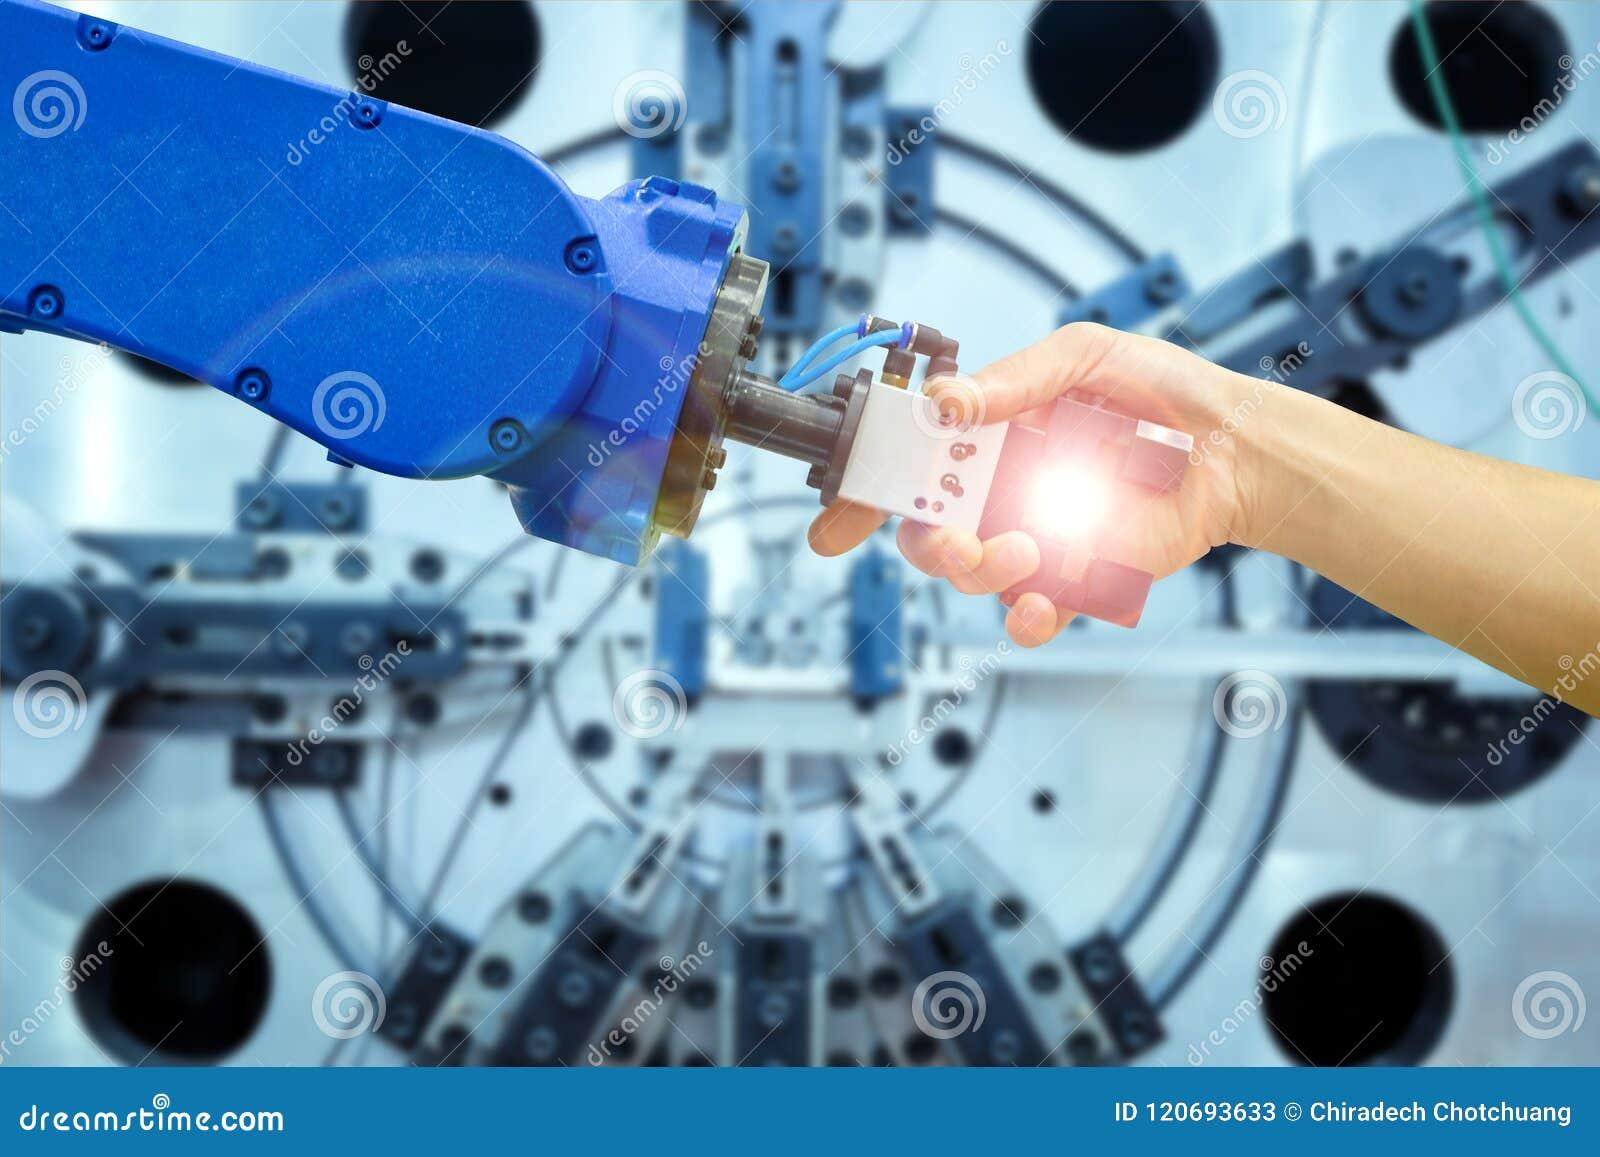 Stretta di mano del robot industriale con l essere umano sulla relazione per lavorare alla fabbricazione industriale